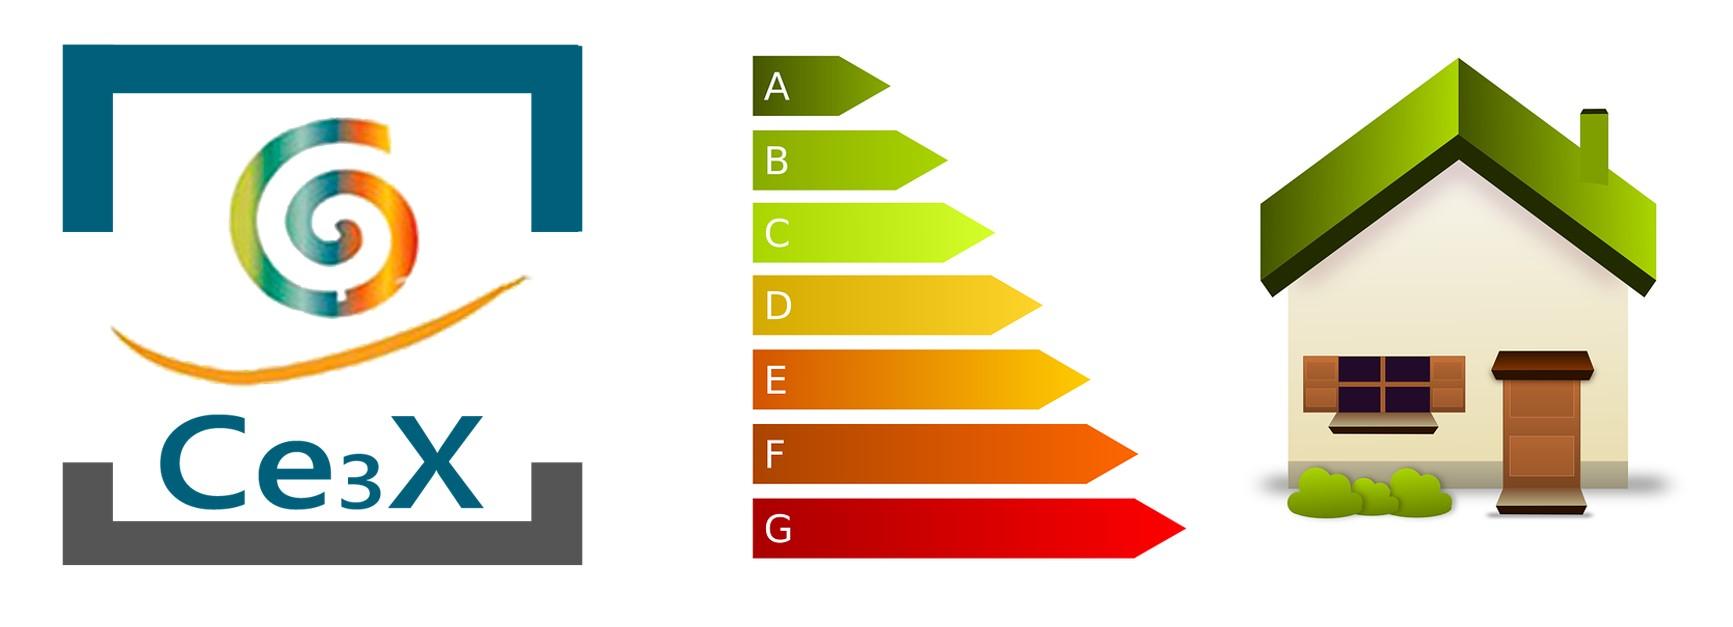 Imagen del evento Procedimiento simplificado de certificación energética de edificios existentes CE3x